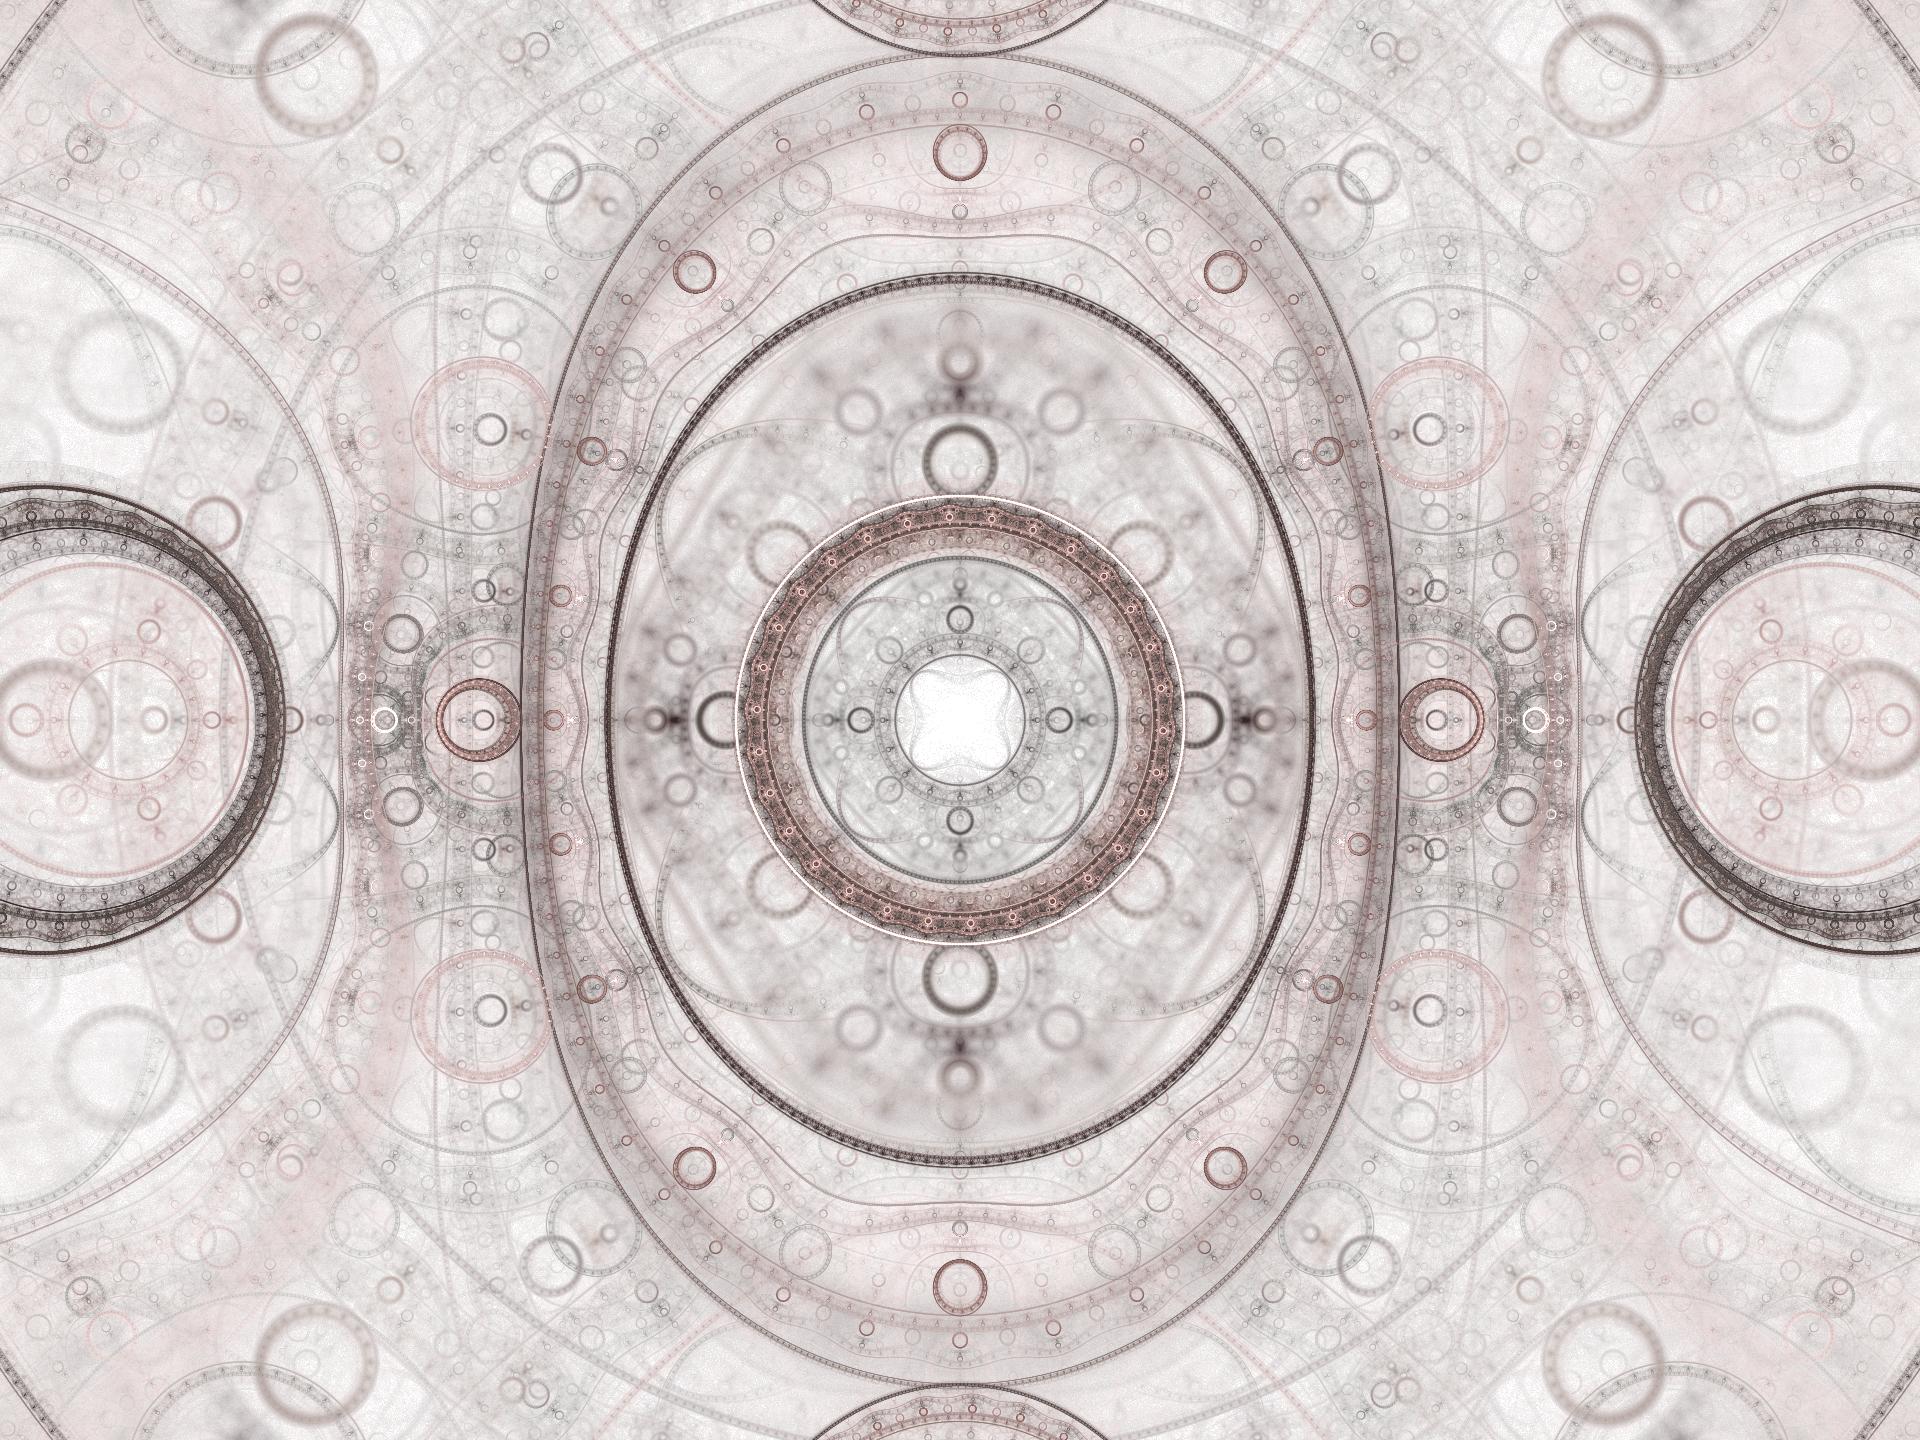 ・おしゃれでミステリアスな魔方陣の壁紙素材:ダーク